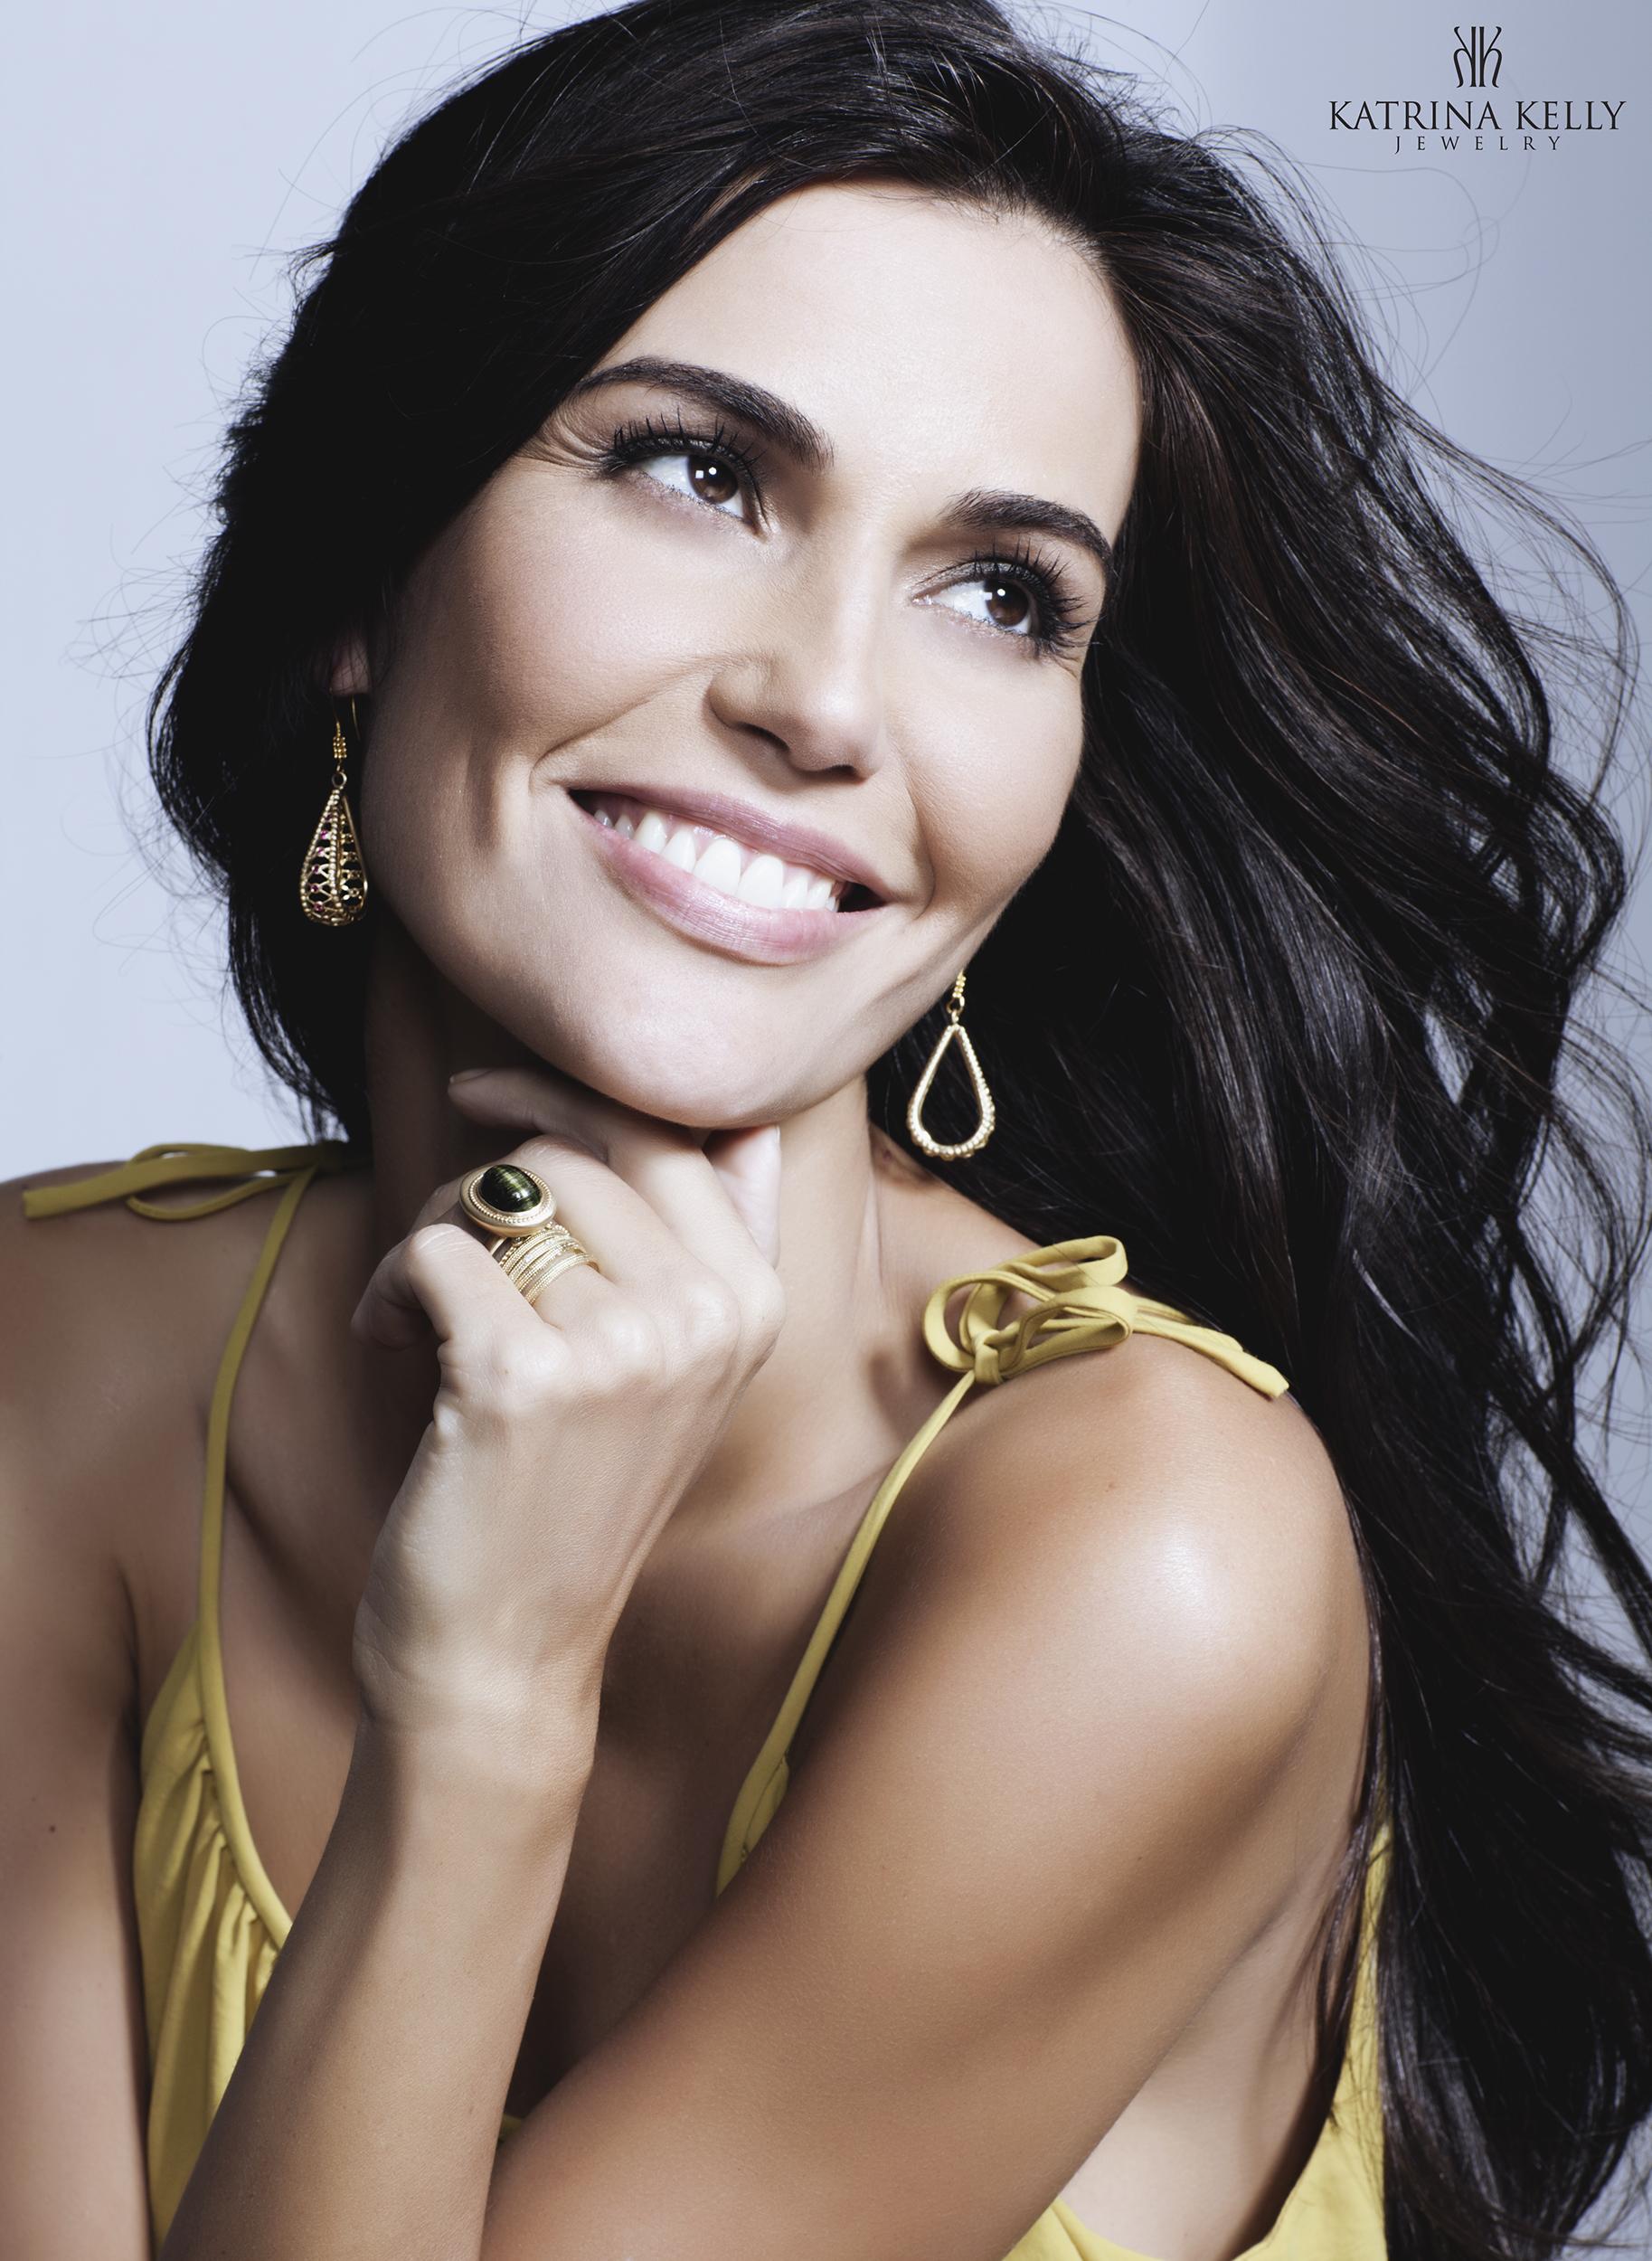 Katrina Kelly Jewelry